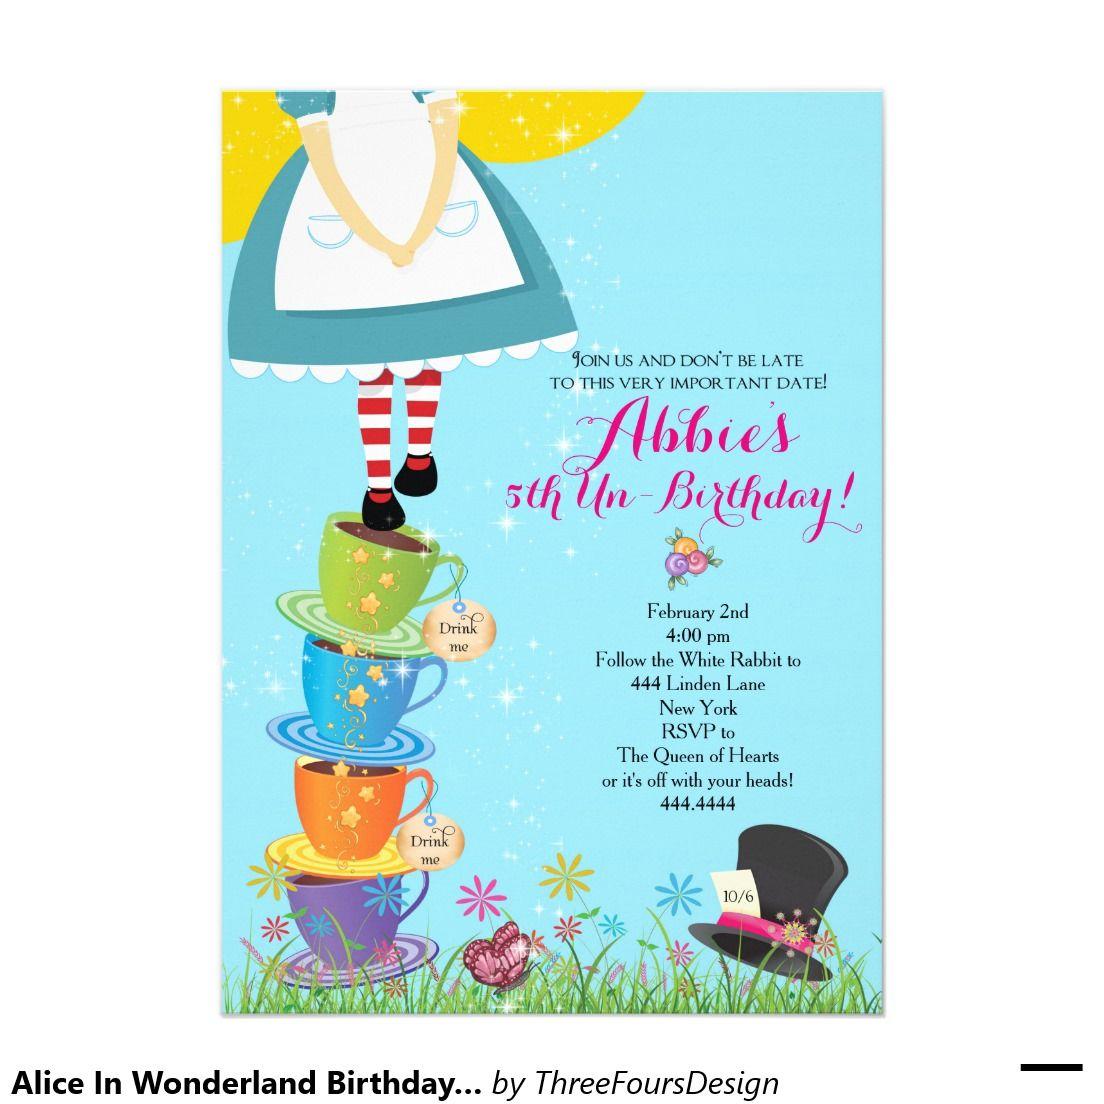 Alicia en la invitación del cumpleaños del país de